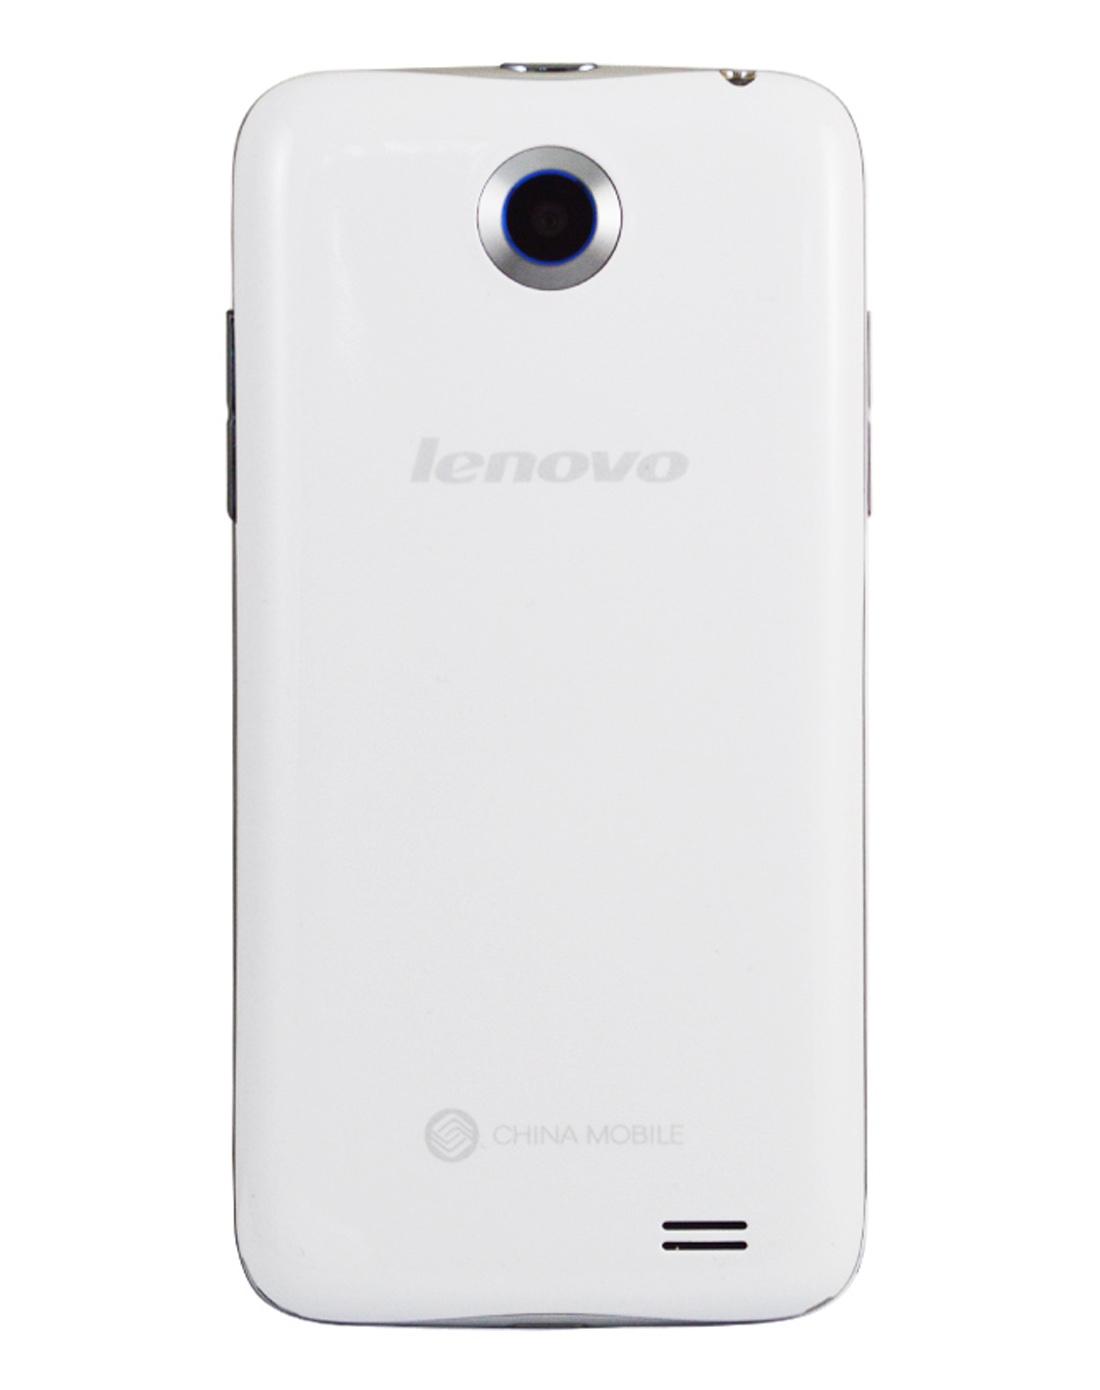 > 联想a378t 移动3g手机(白色)td-scdma/gsm双卡双待单通